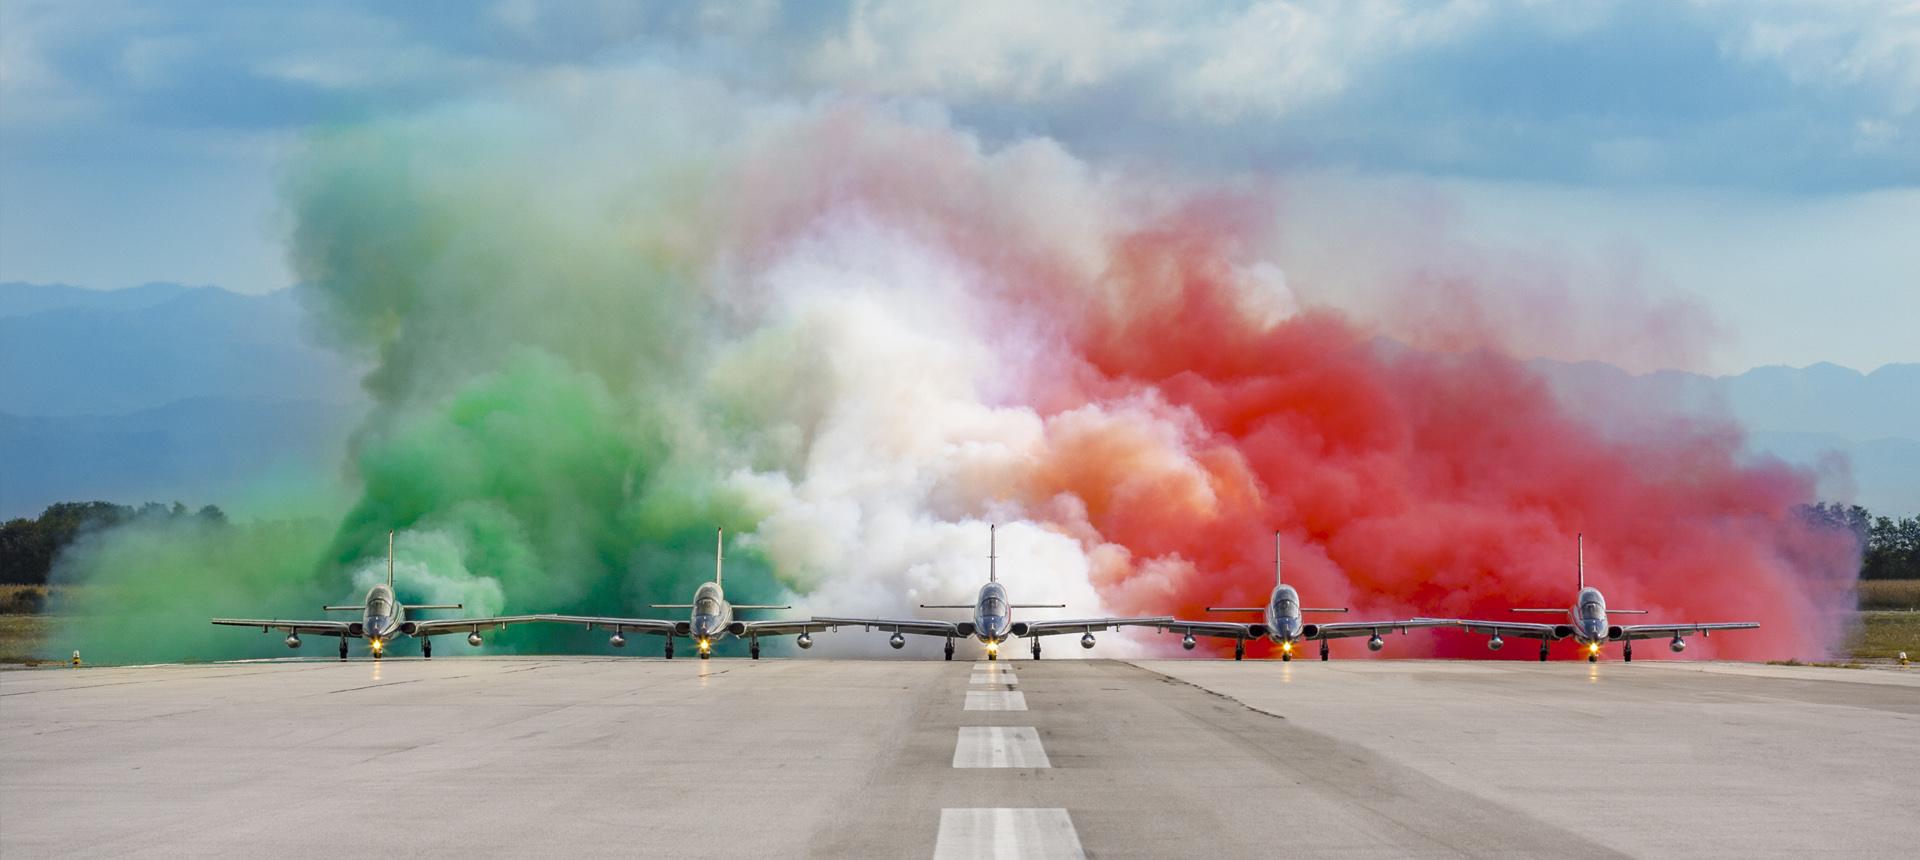 Foto delle Frecce Tricolori in formazione